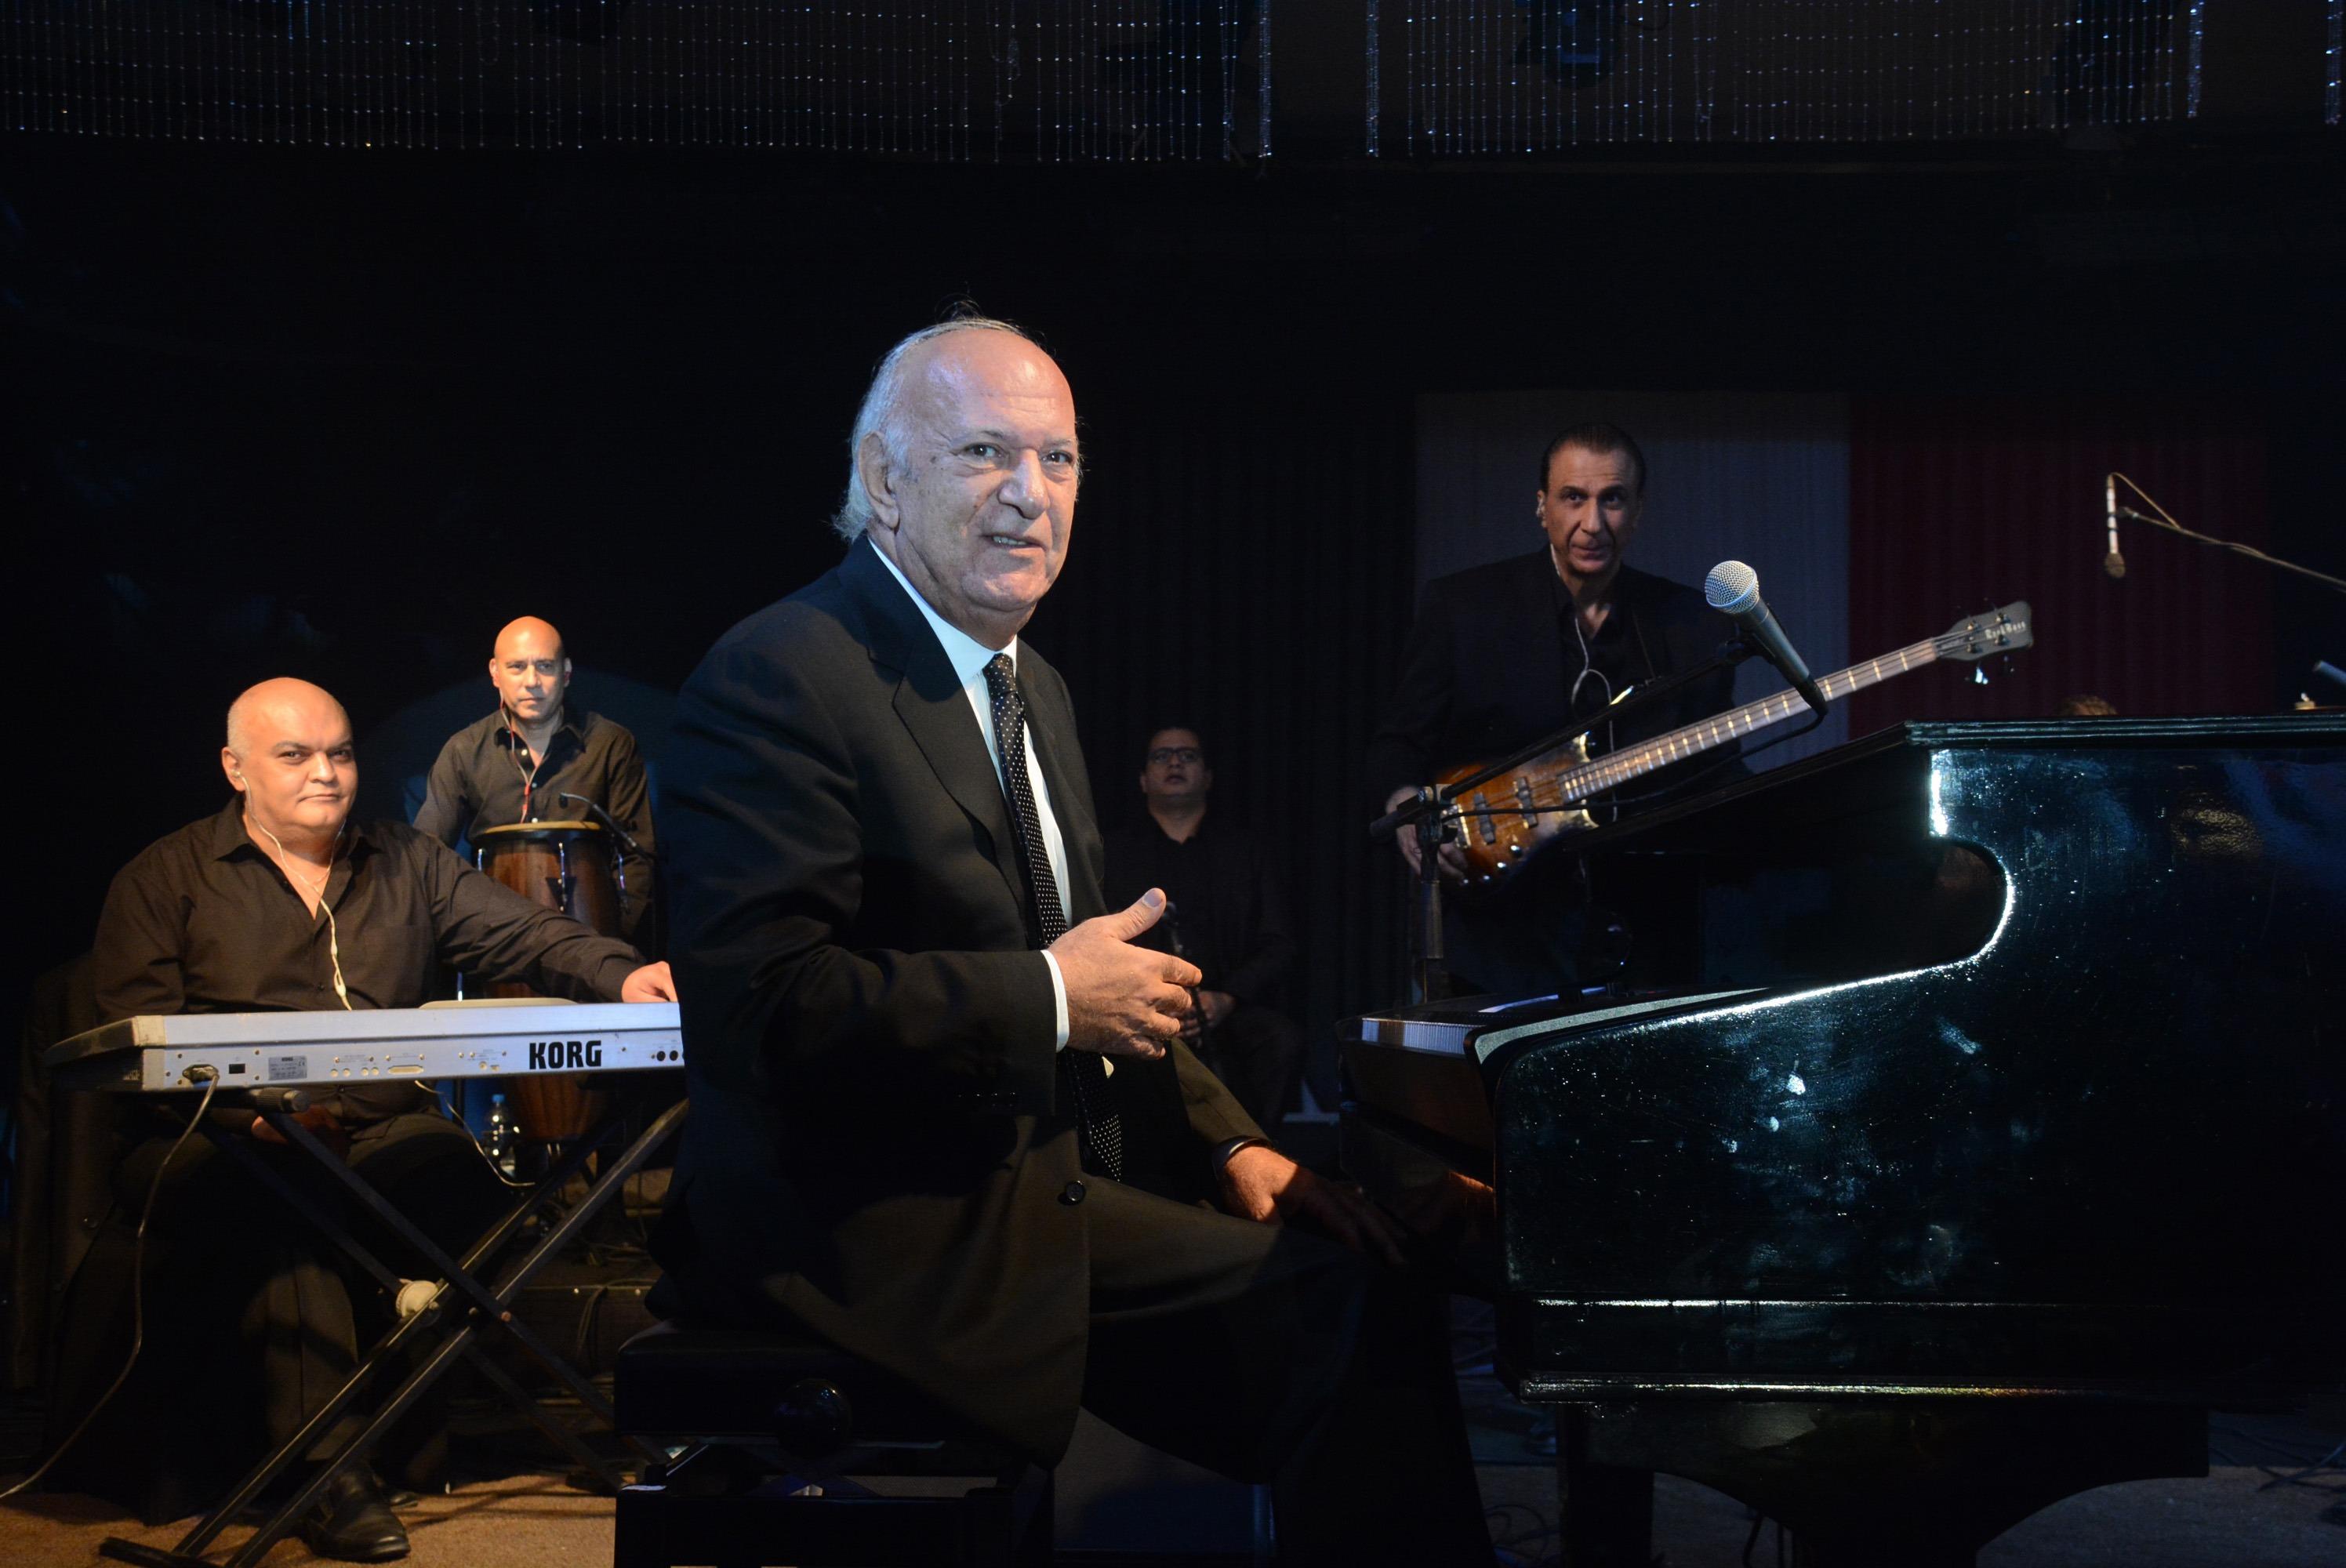 http://shbabbek.com/upload/خروجات النهارده.. عمر خيرت في الأوبرا وعرض مسرحي في الساقية